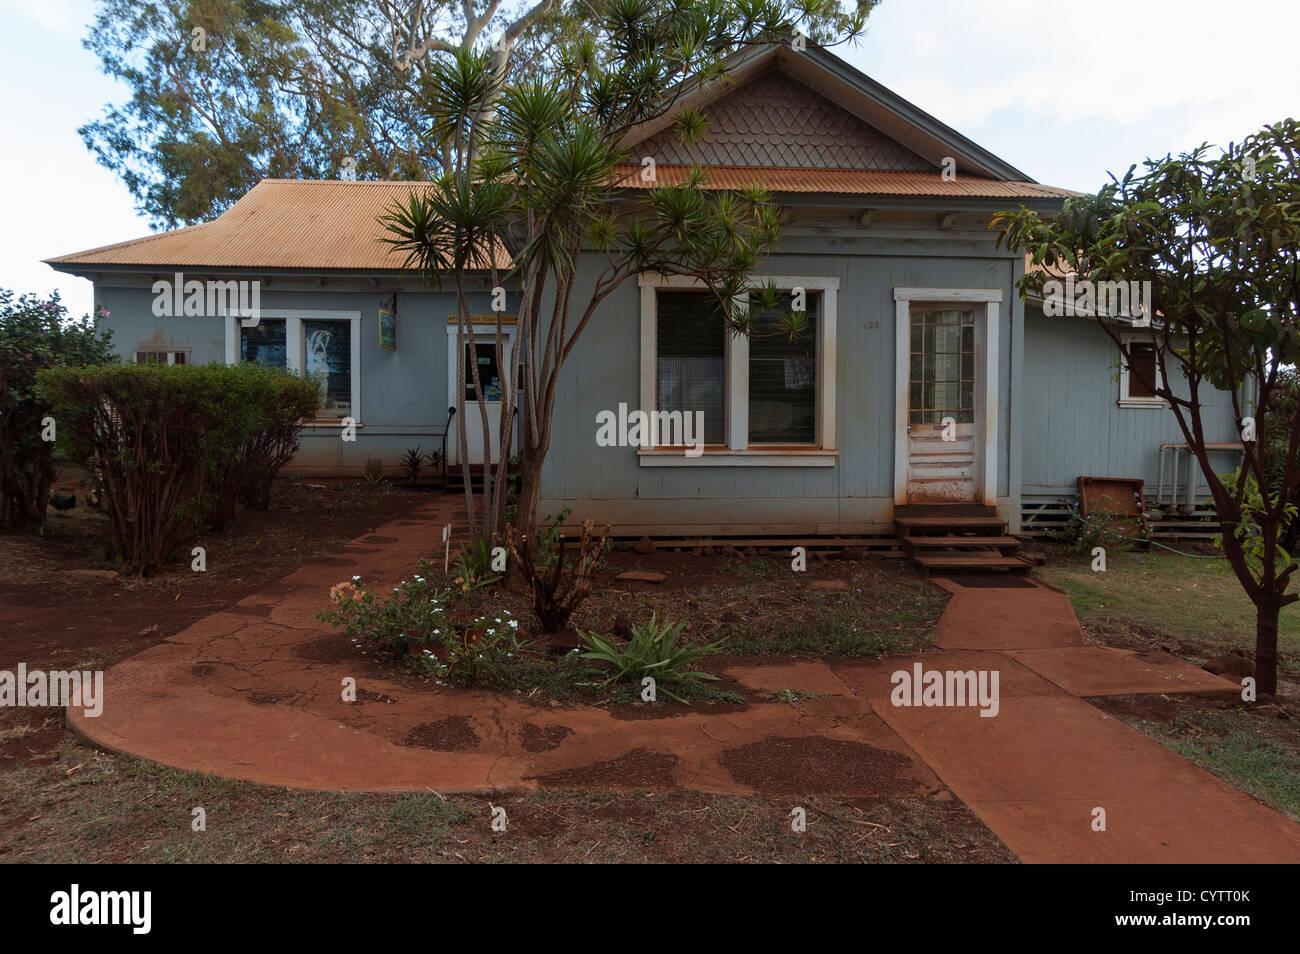 Elk284-7268 Hawaii, Kauai, Ele'ele, company houses - Stock Image